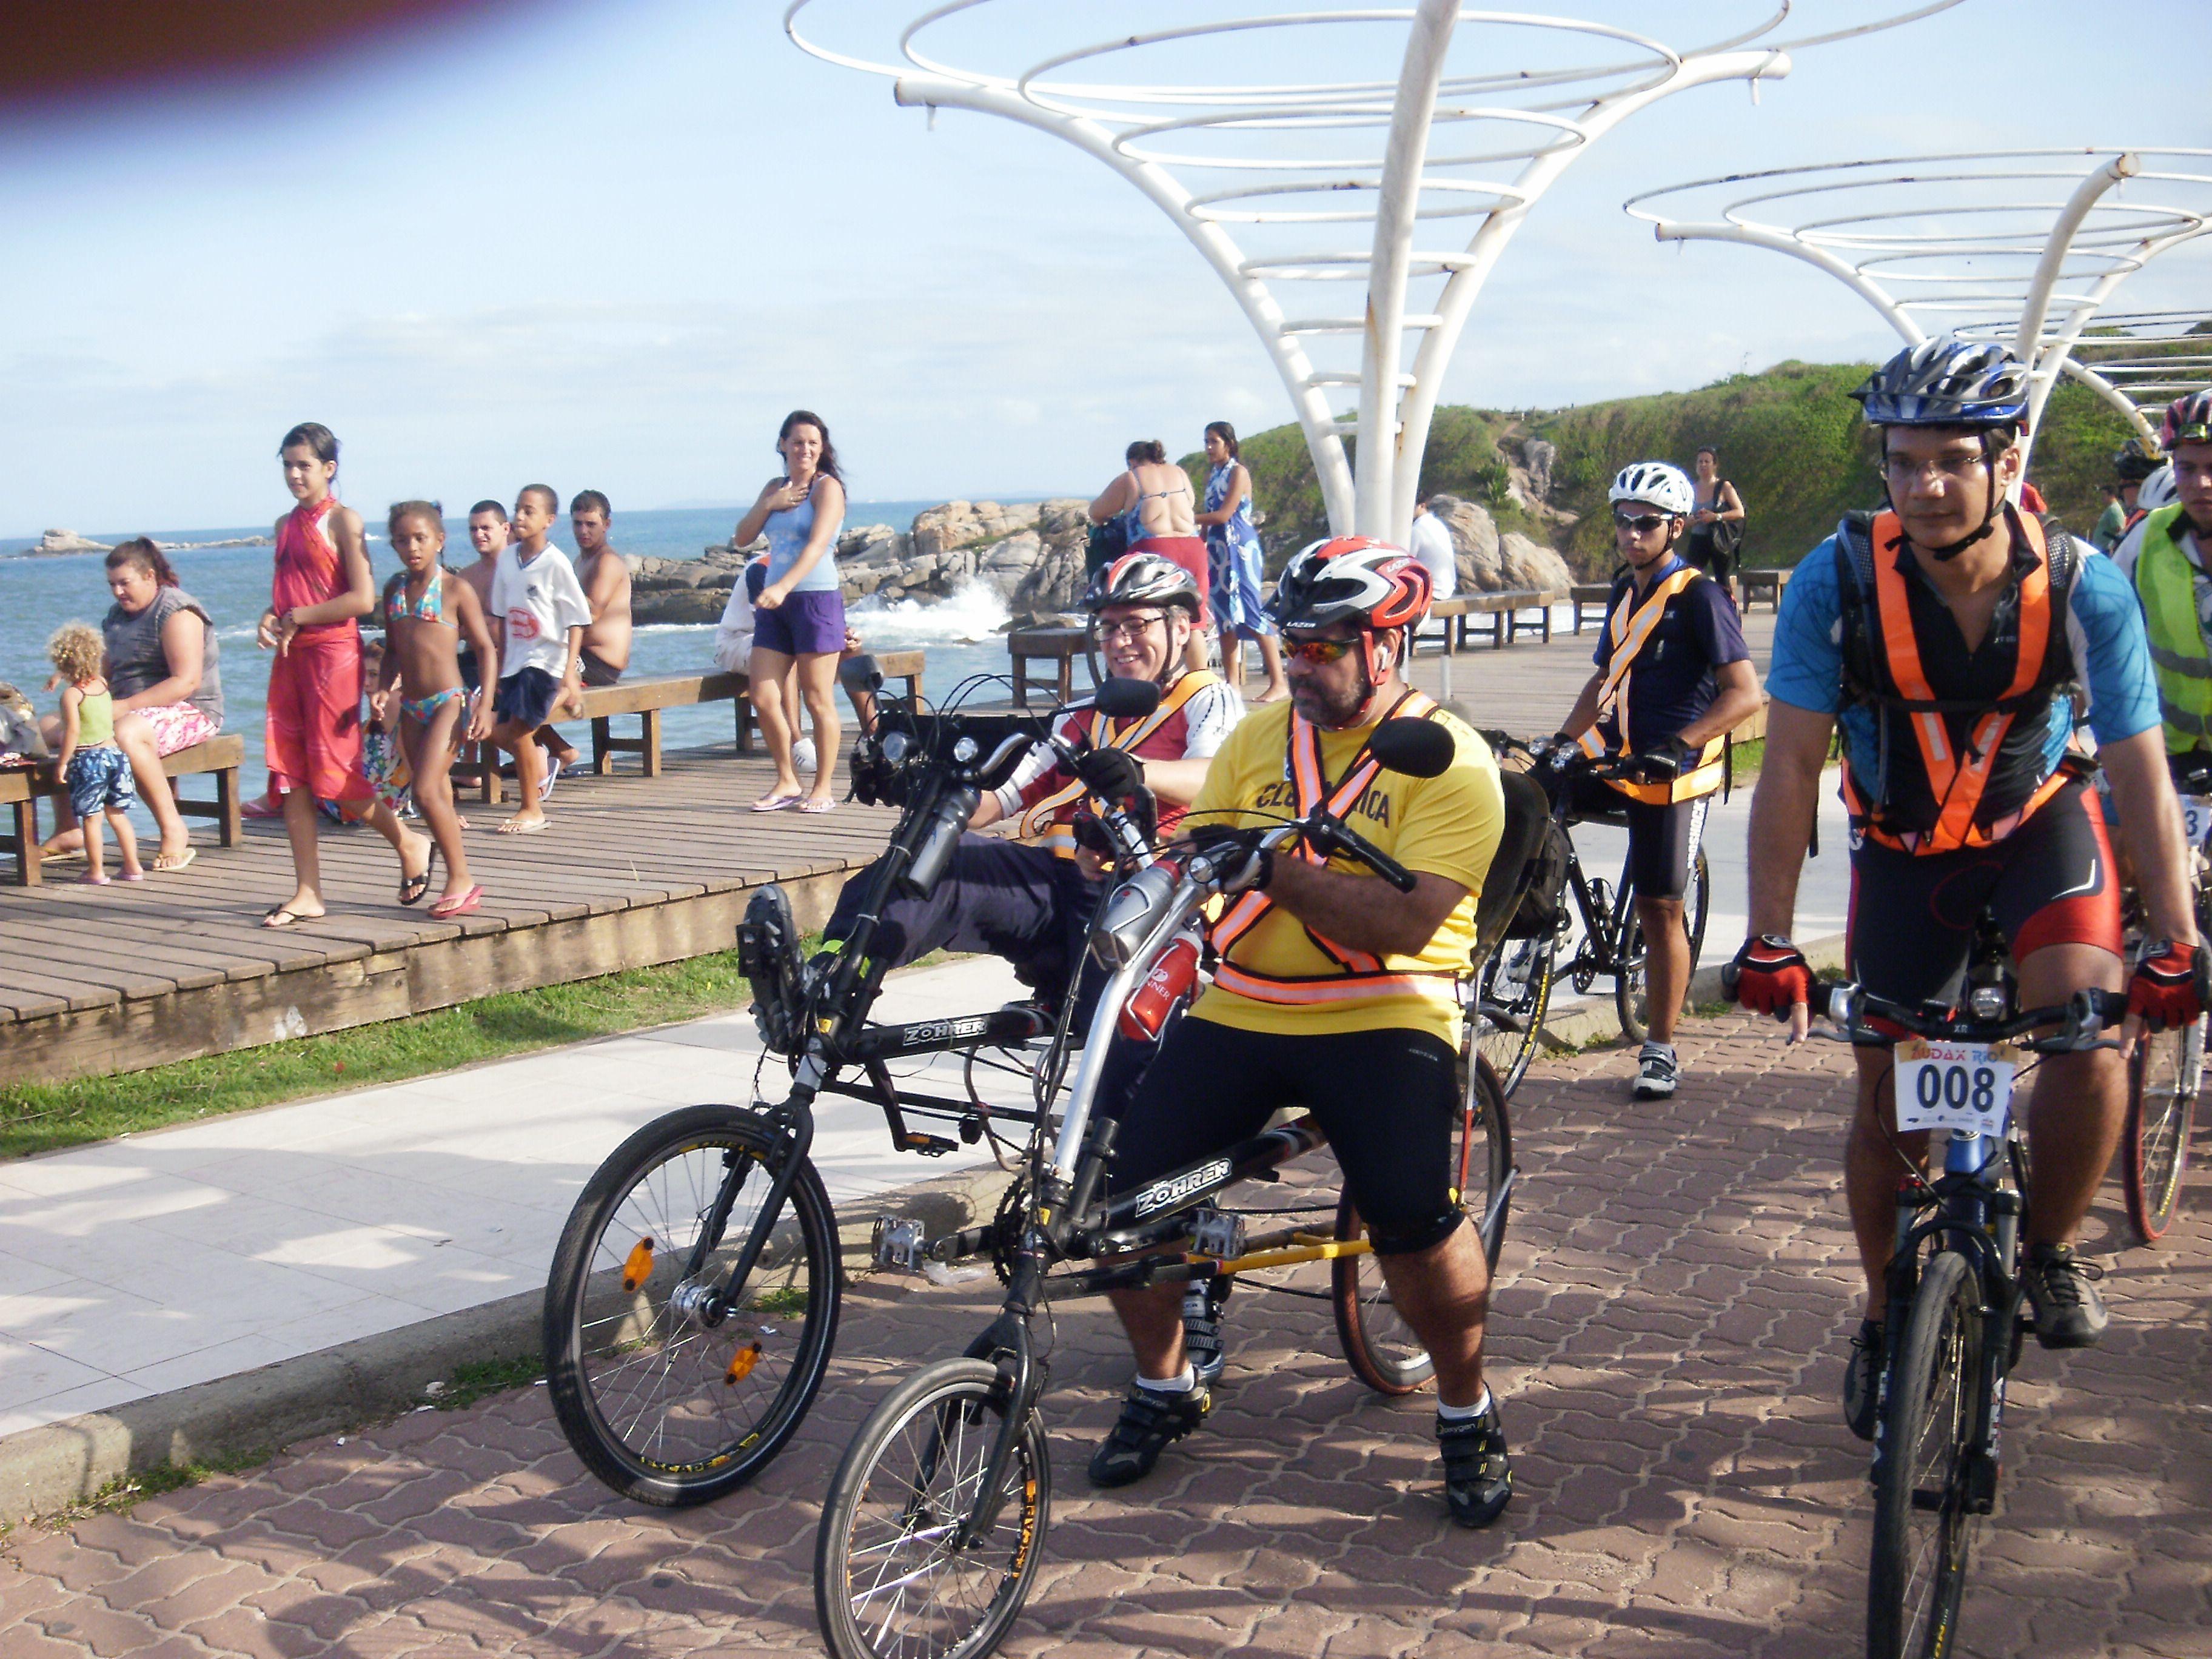 Audax 2011 200km Rio das Ostras RJ. Ricardo Michel Exd 26x26 completou em 13h08. Marcos Azevedo EXD 20x26 completou.